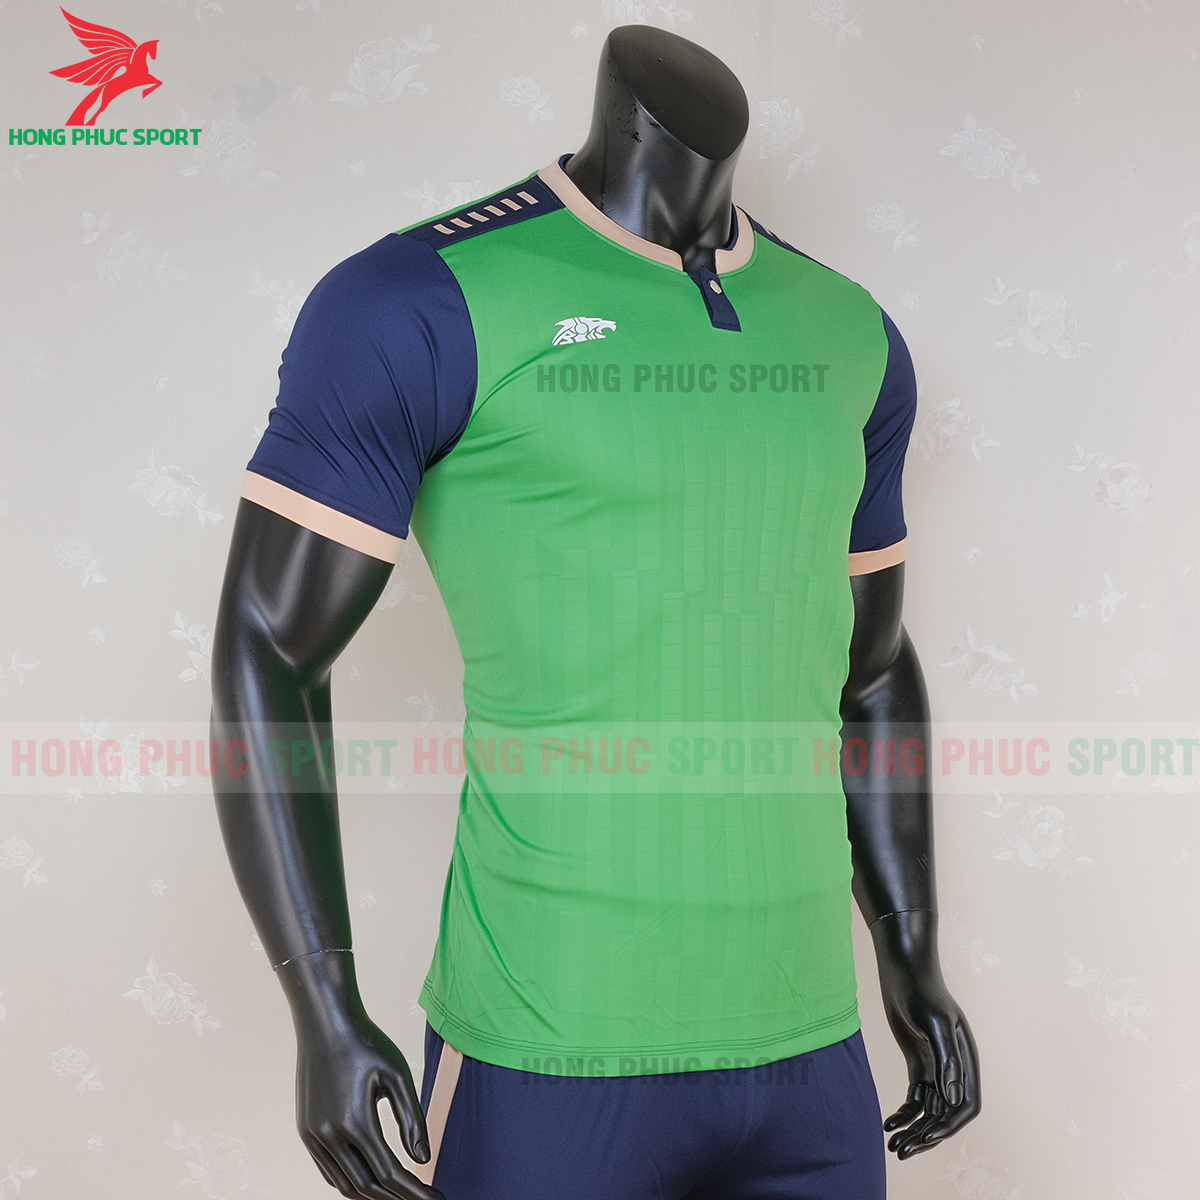 https://cdn.hongphucsport.com/unsafe/s4.shopbay.vn/files/285/ao-bong-da-khong-logo-riki-neck-xanh-la-cay-3-5f71aa9ed7c4f.png